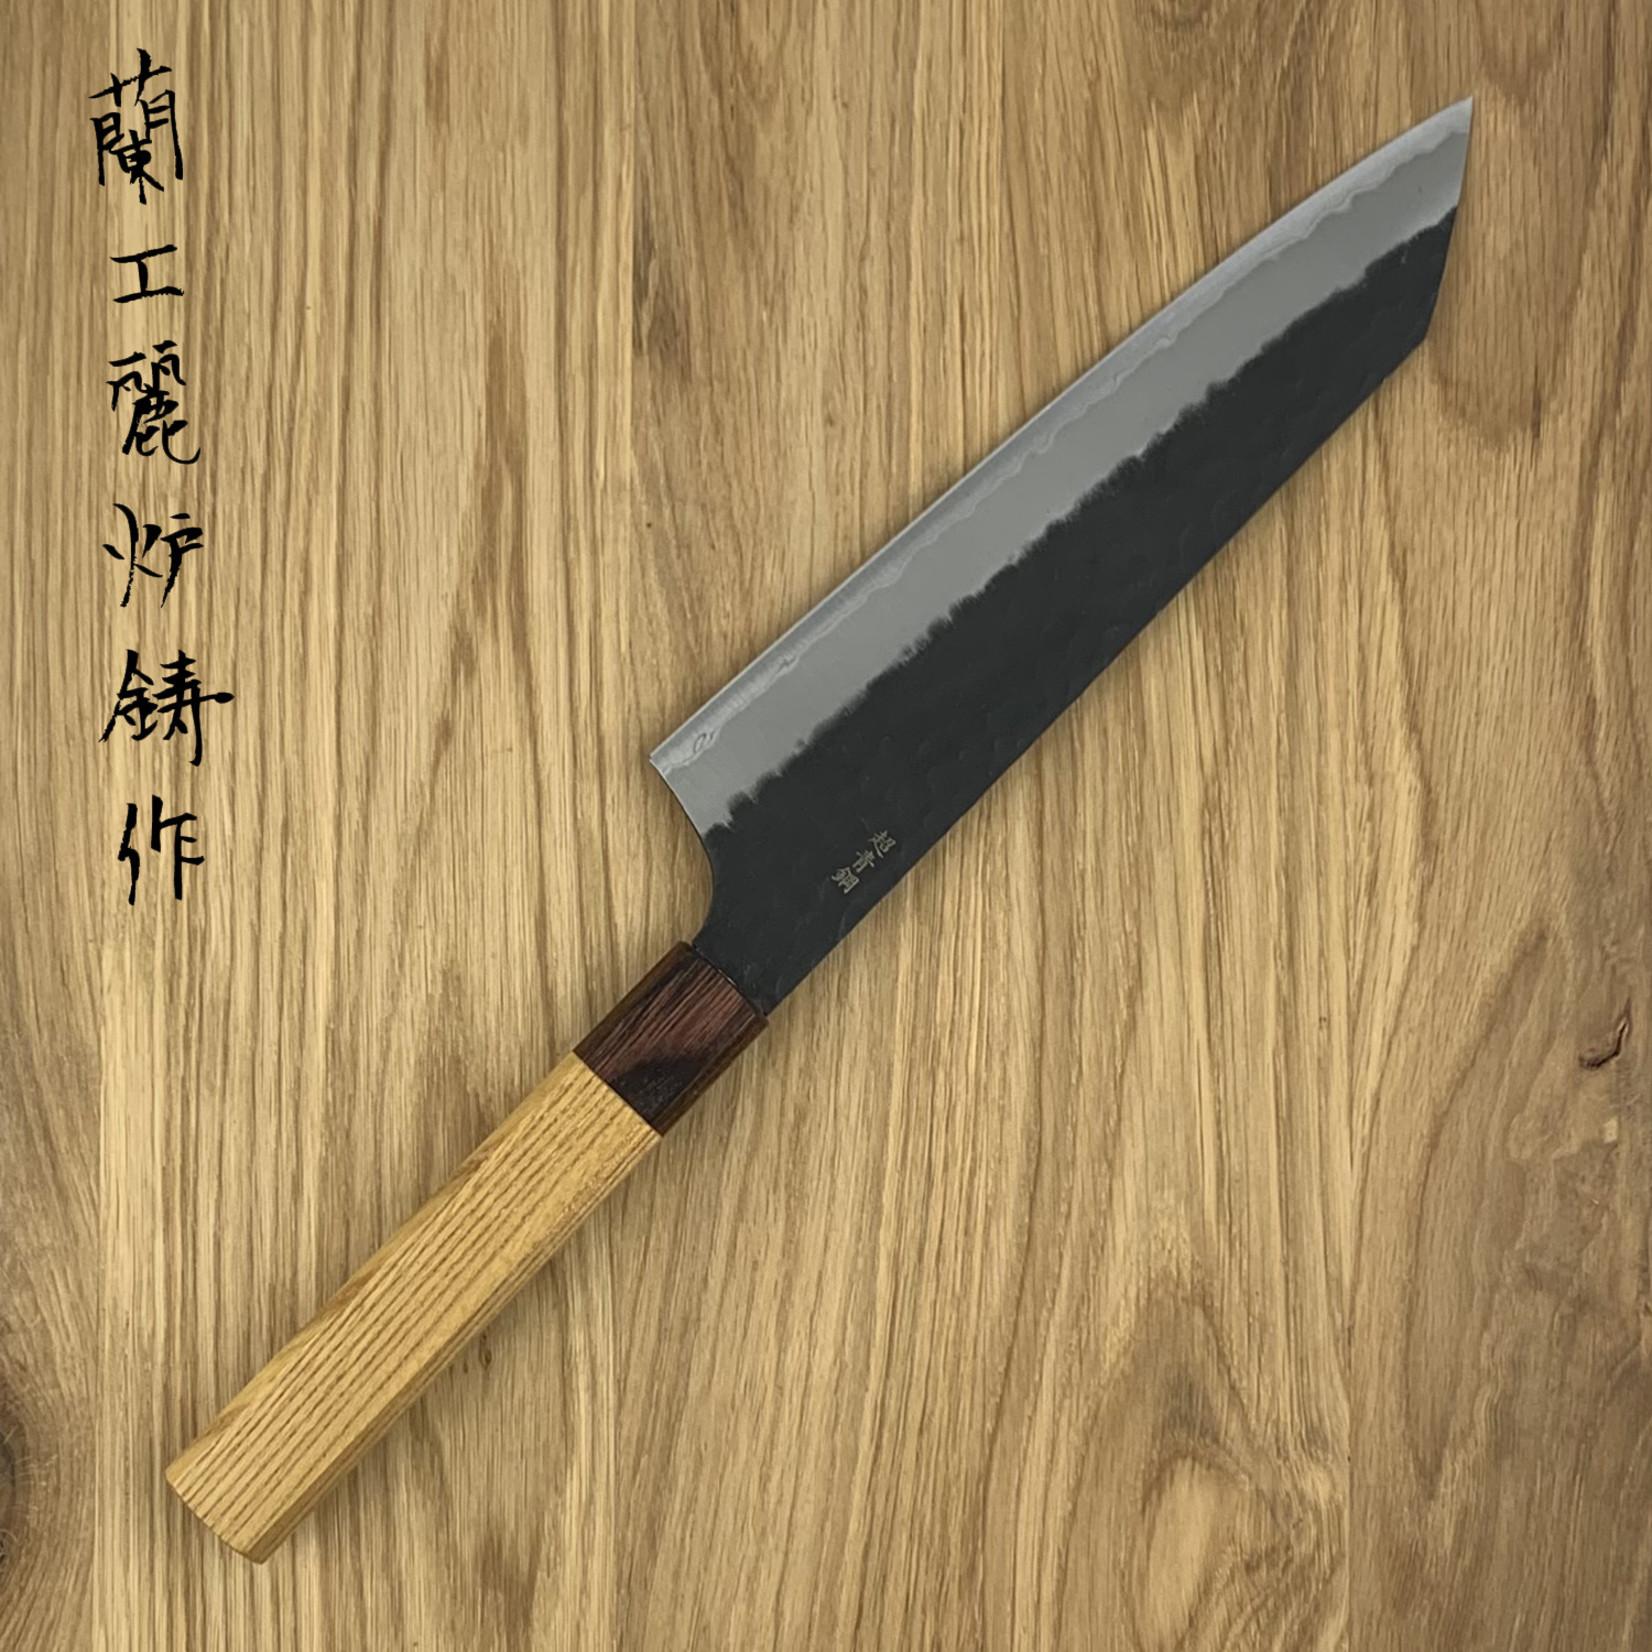 SAKAI TAKAYUKI Kengata 190 mm 3 layers hammered AS+ Zelkova 01192